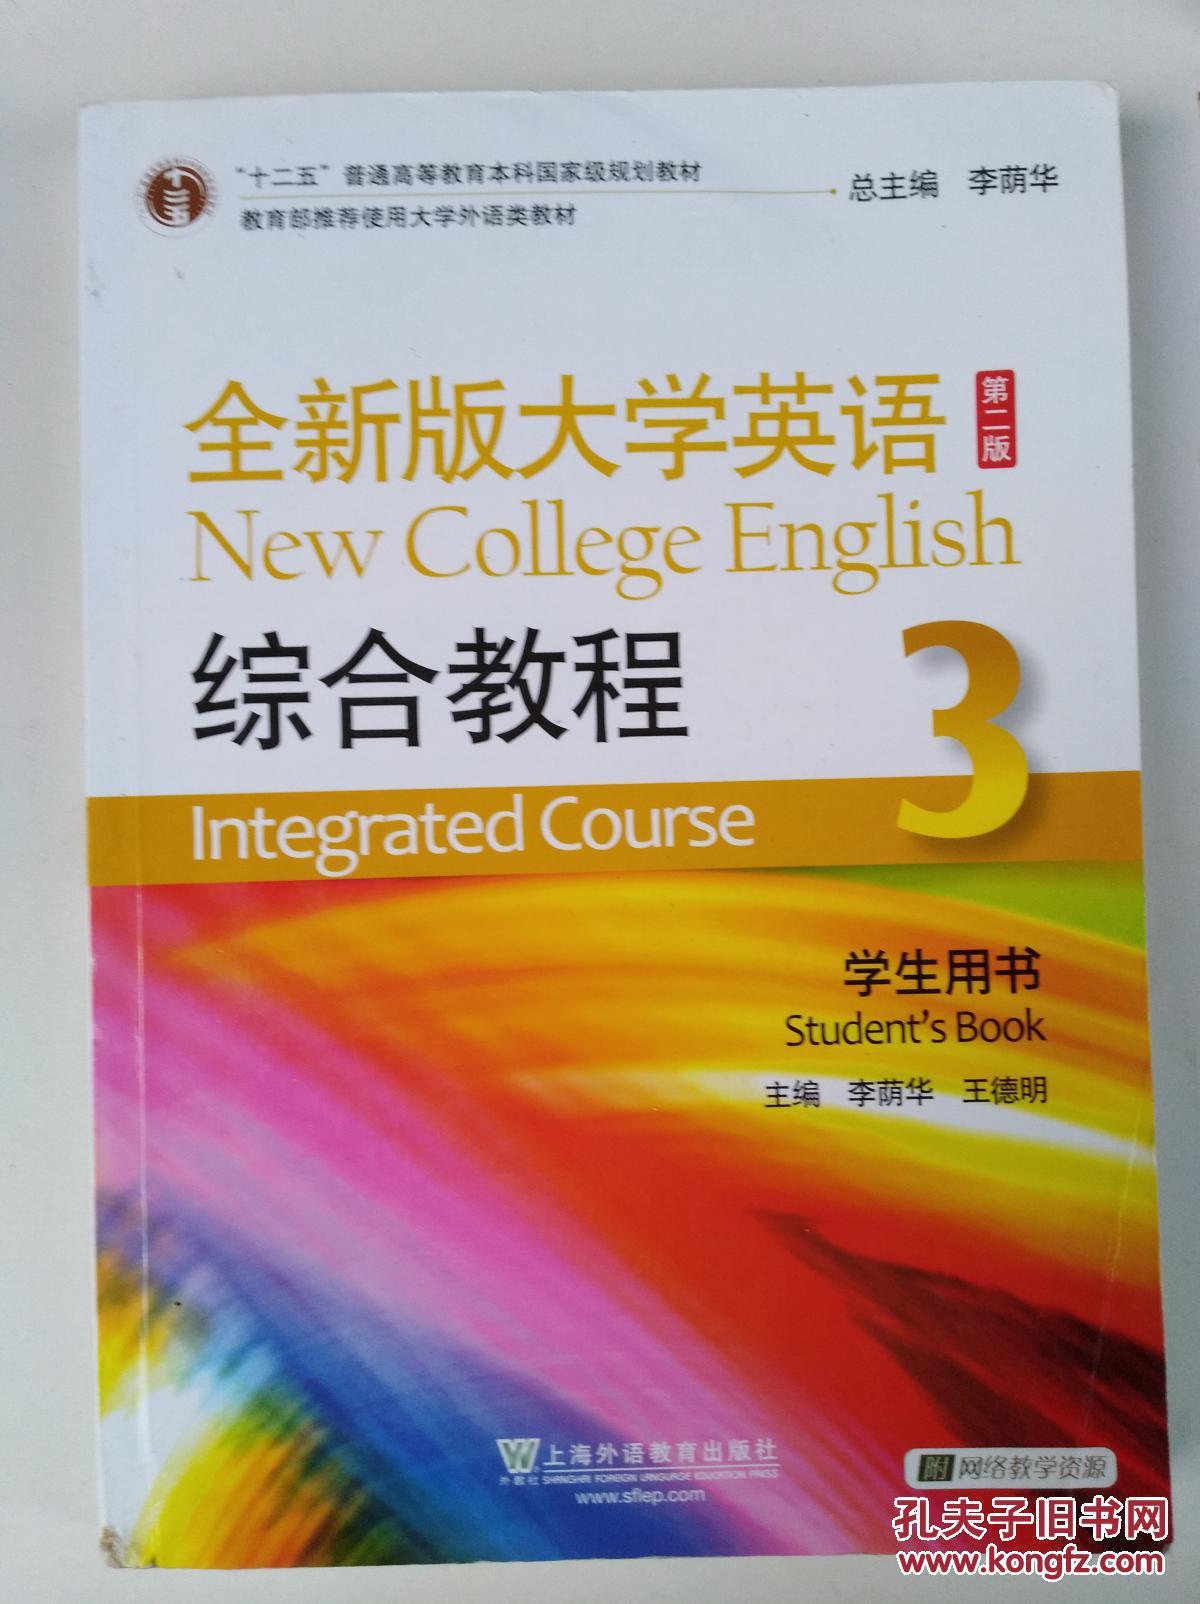 全新版大学英语(第二版)综合教程3学生用书(附光盘及网络教学图片